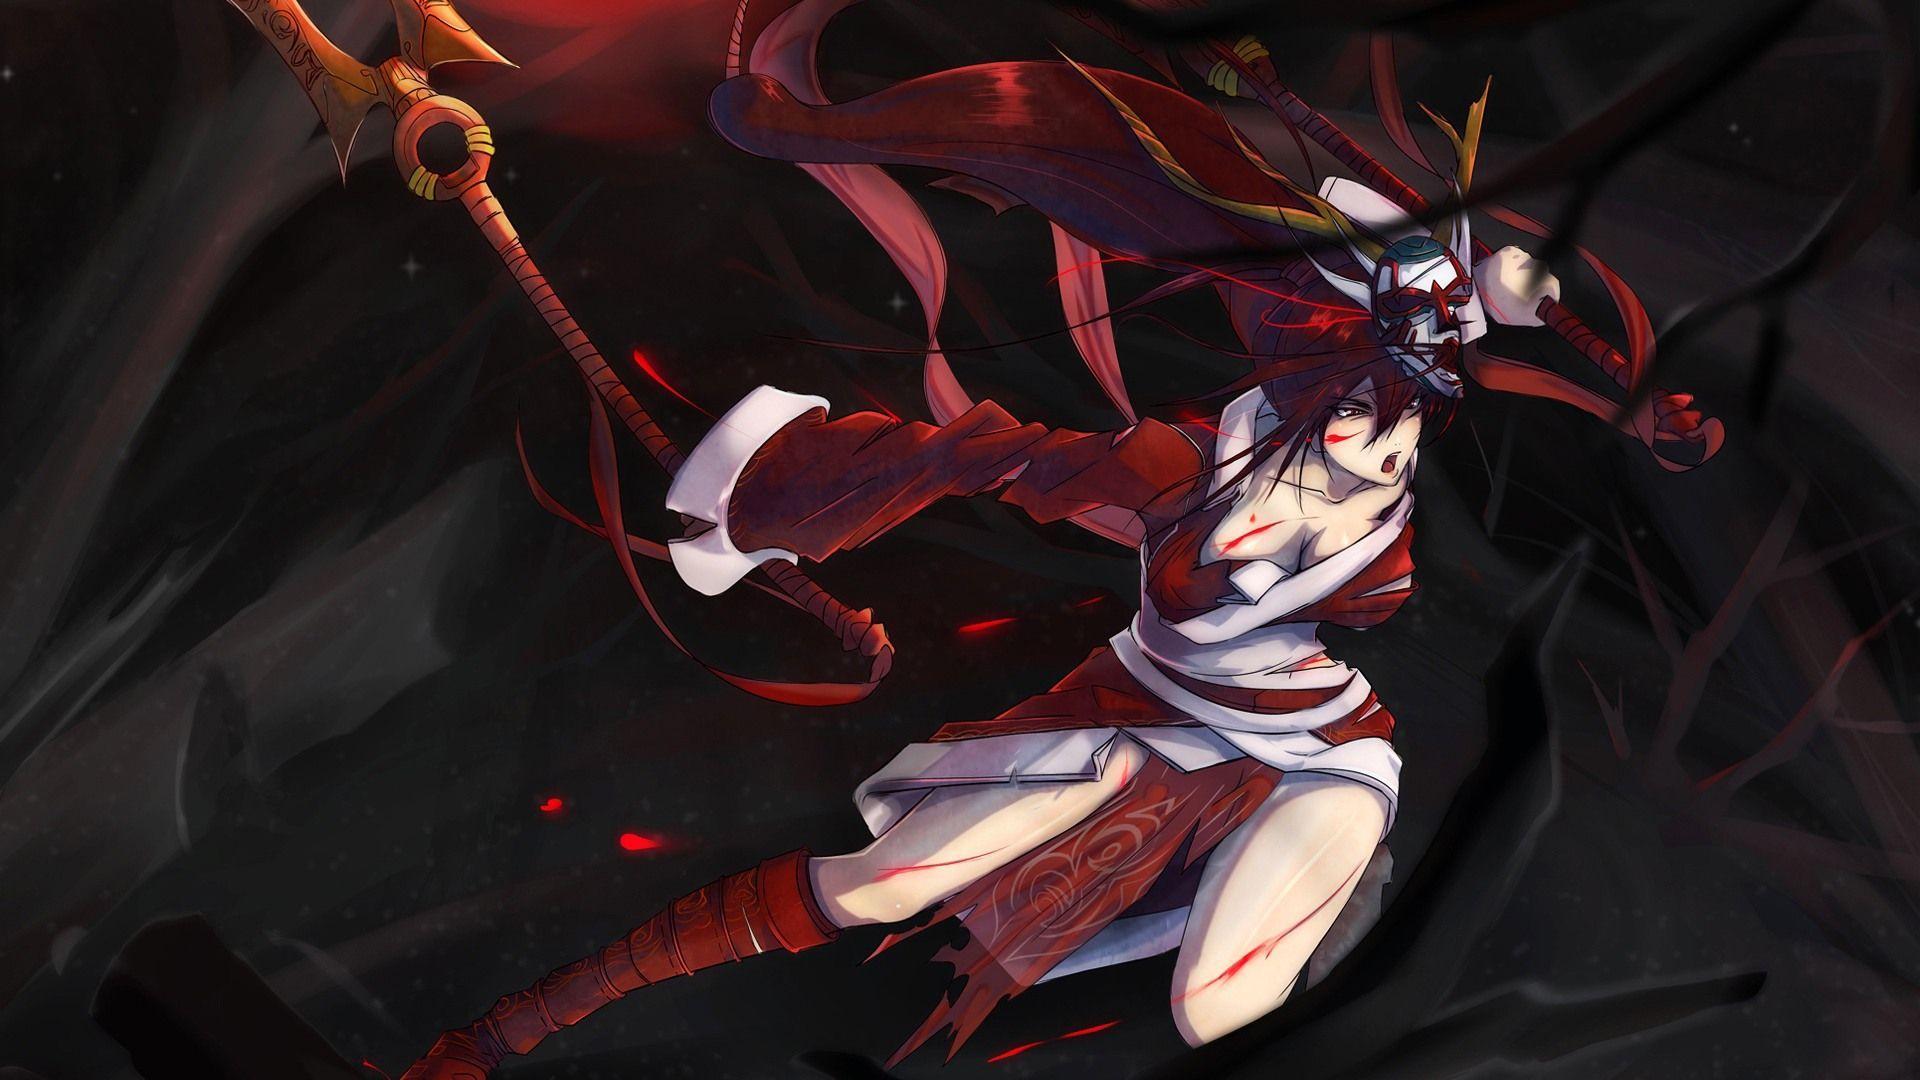 Girl In Blood Wallpaper League Of Legends Bloodmoon Akali Hd Wallpapers